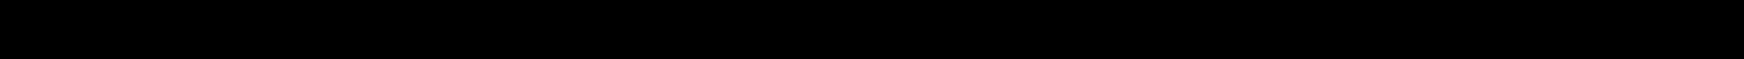 Aux Portes du Rêve, Aux Tréfonds du Cauchemar [Groupe 3] Ff5b799964708345ddf7667d3a0ef5f9